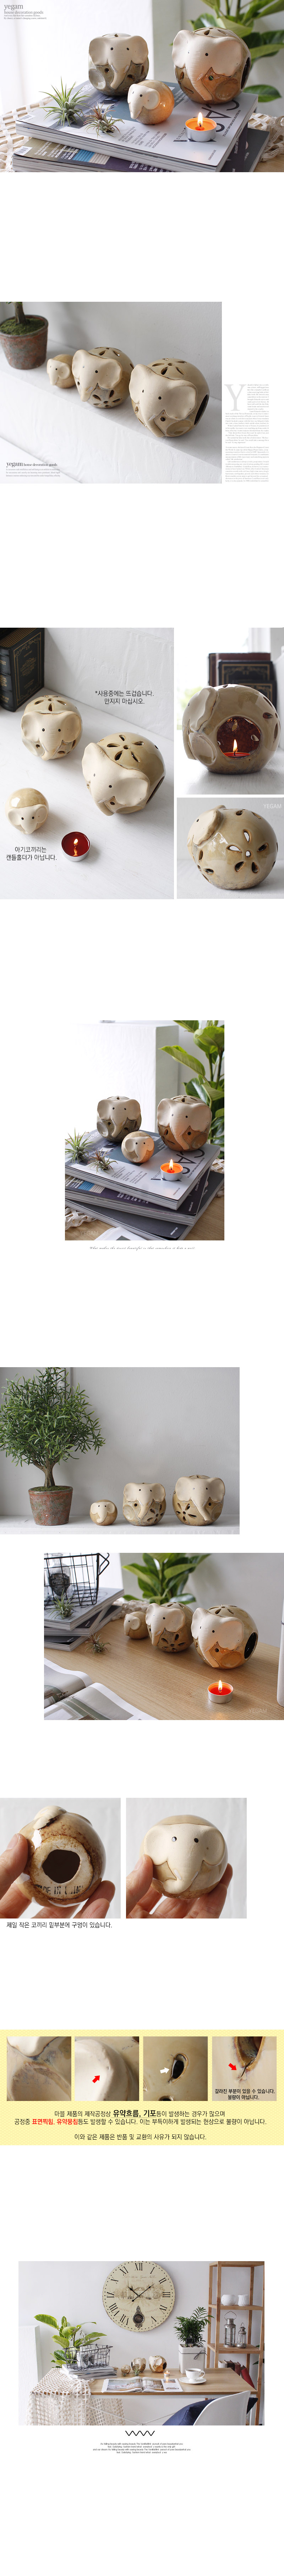 코끼리 캔들홀더 3P세트(085-1) - 체리하우스, 30,000원, 캔들, 캔들홀더/소품